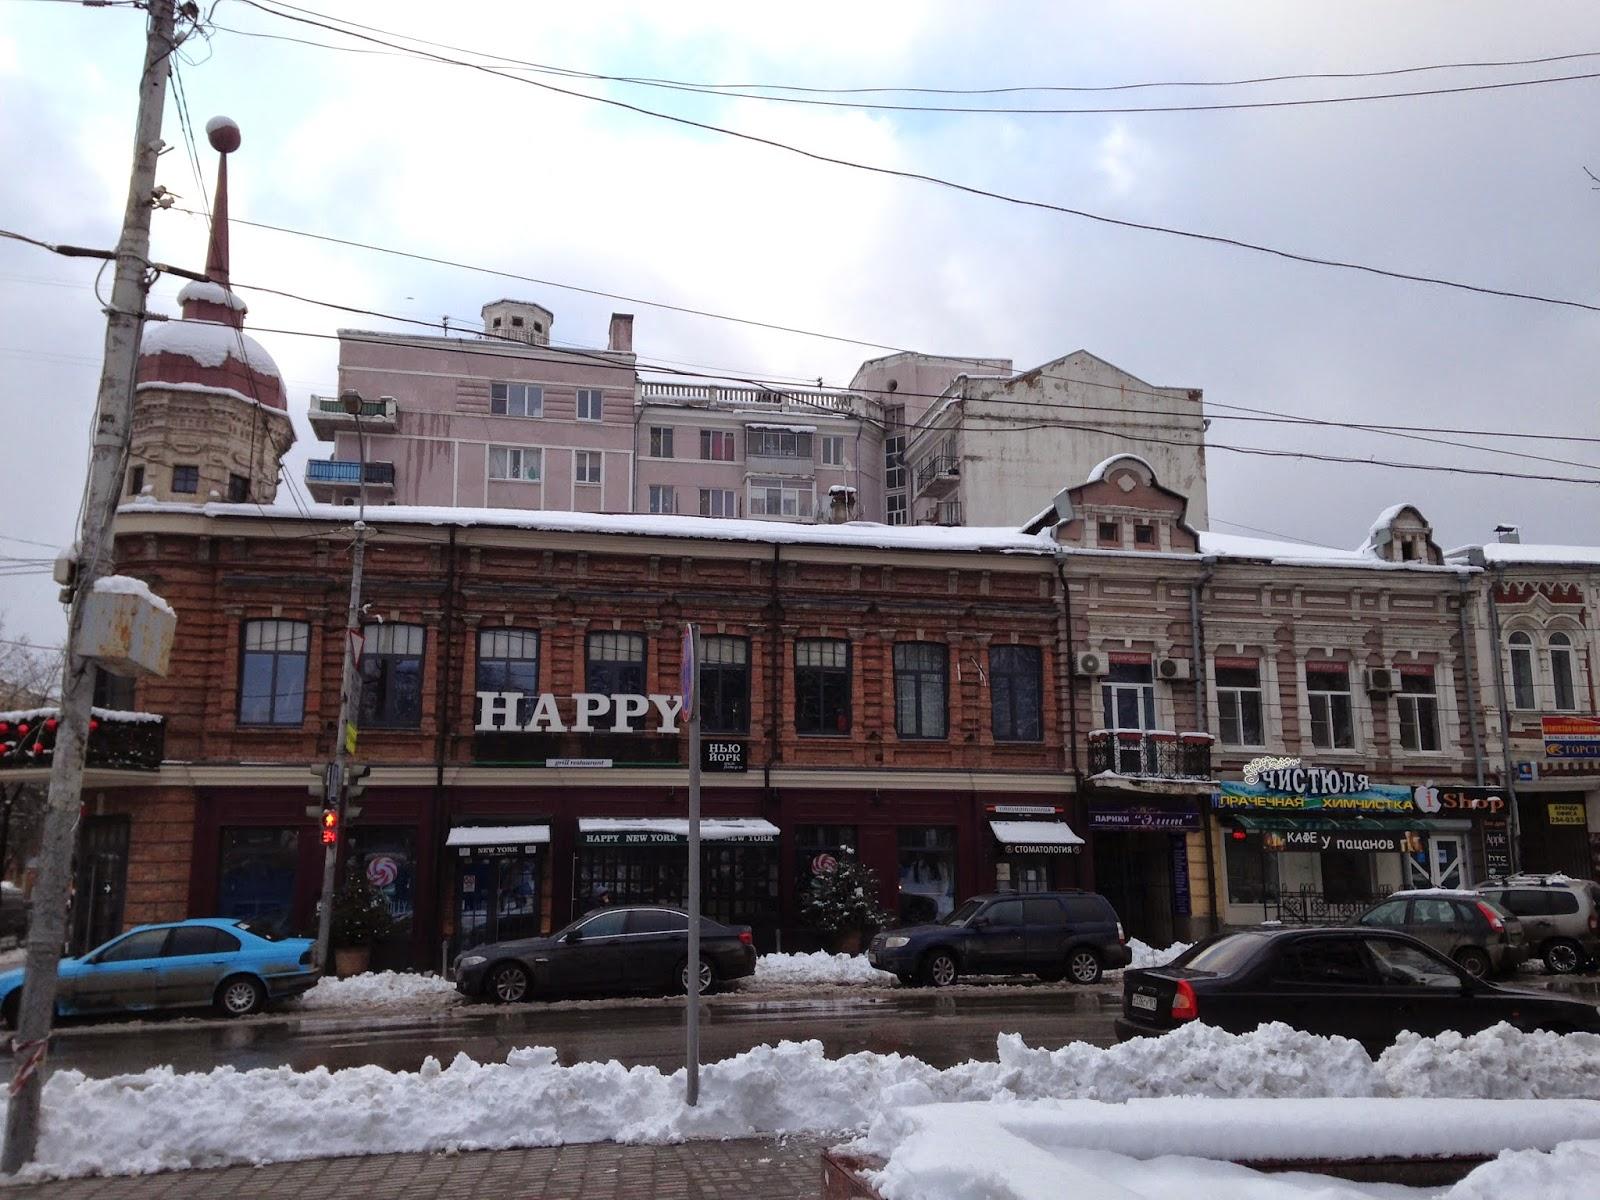 Happy-New-York-Rostov